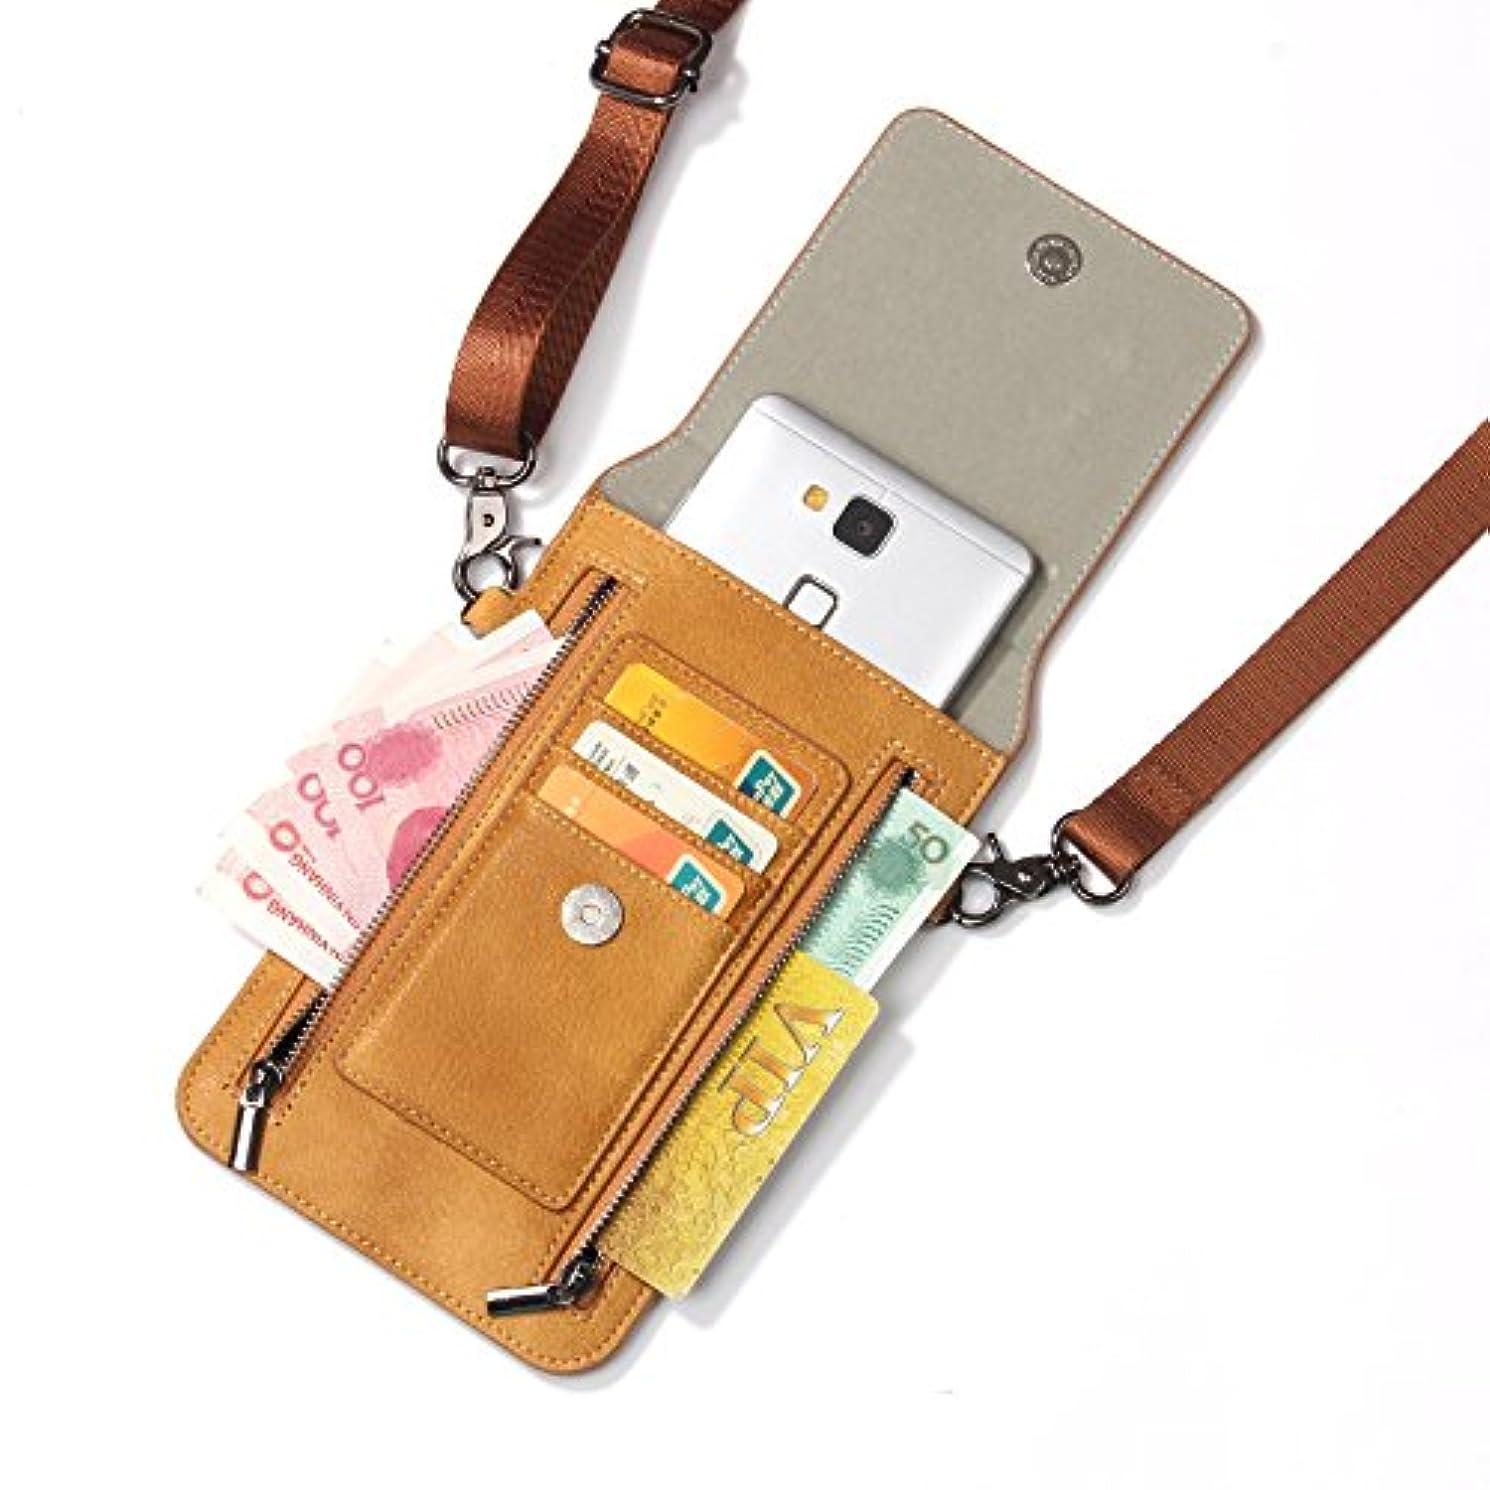 パキスタン人速記自発iPhone XS Max ケース レザー INorton 多機能スマホポーチ 保護カバー 財布型 軽量 カード お金収納 ストラップ付き iPhone X /8/8Plus/7/7Plusなど6.5インチ汎用